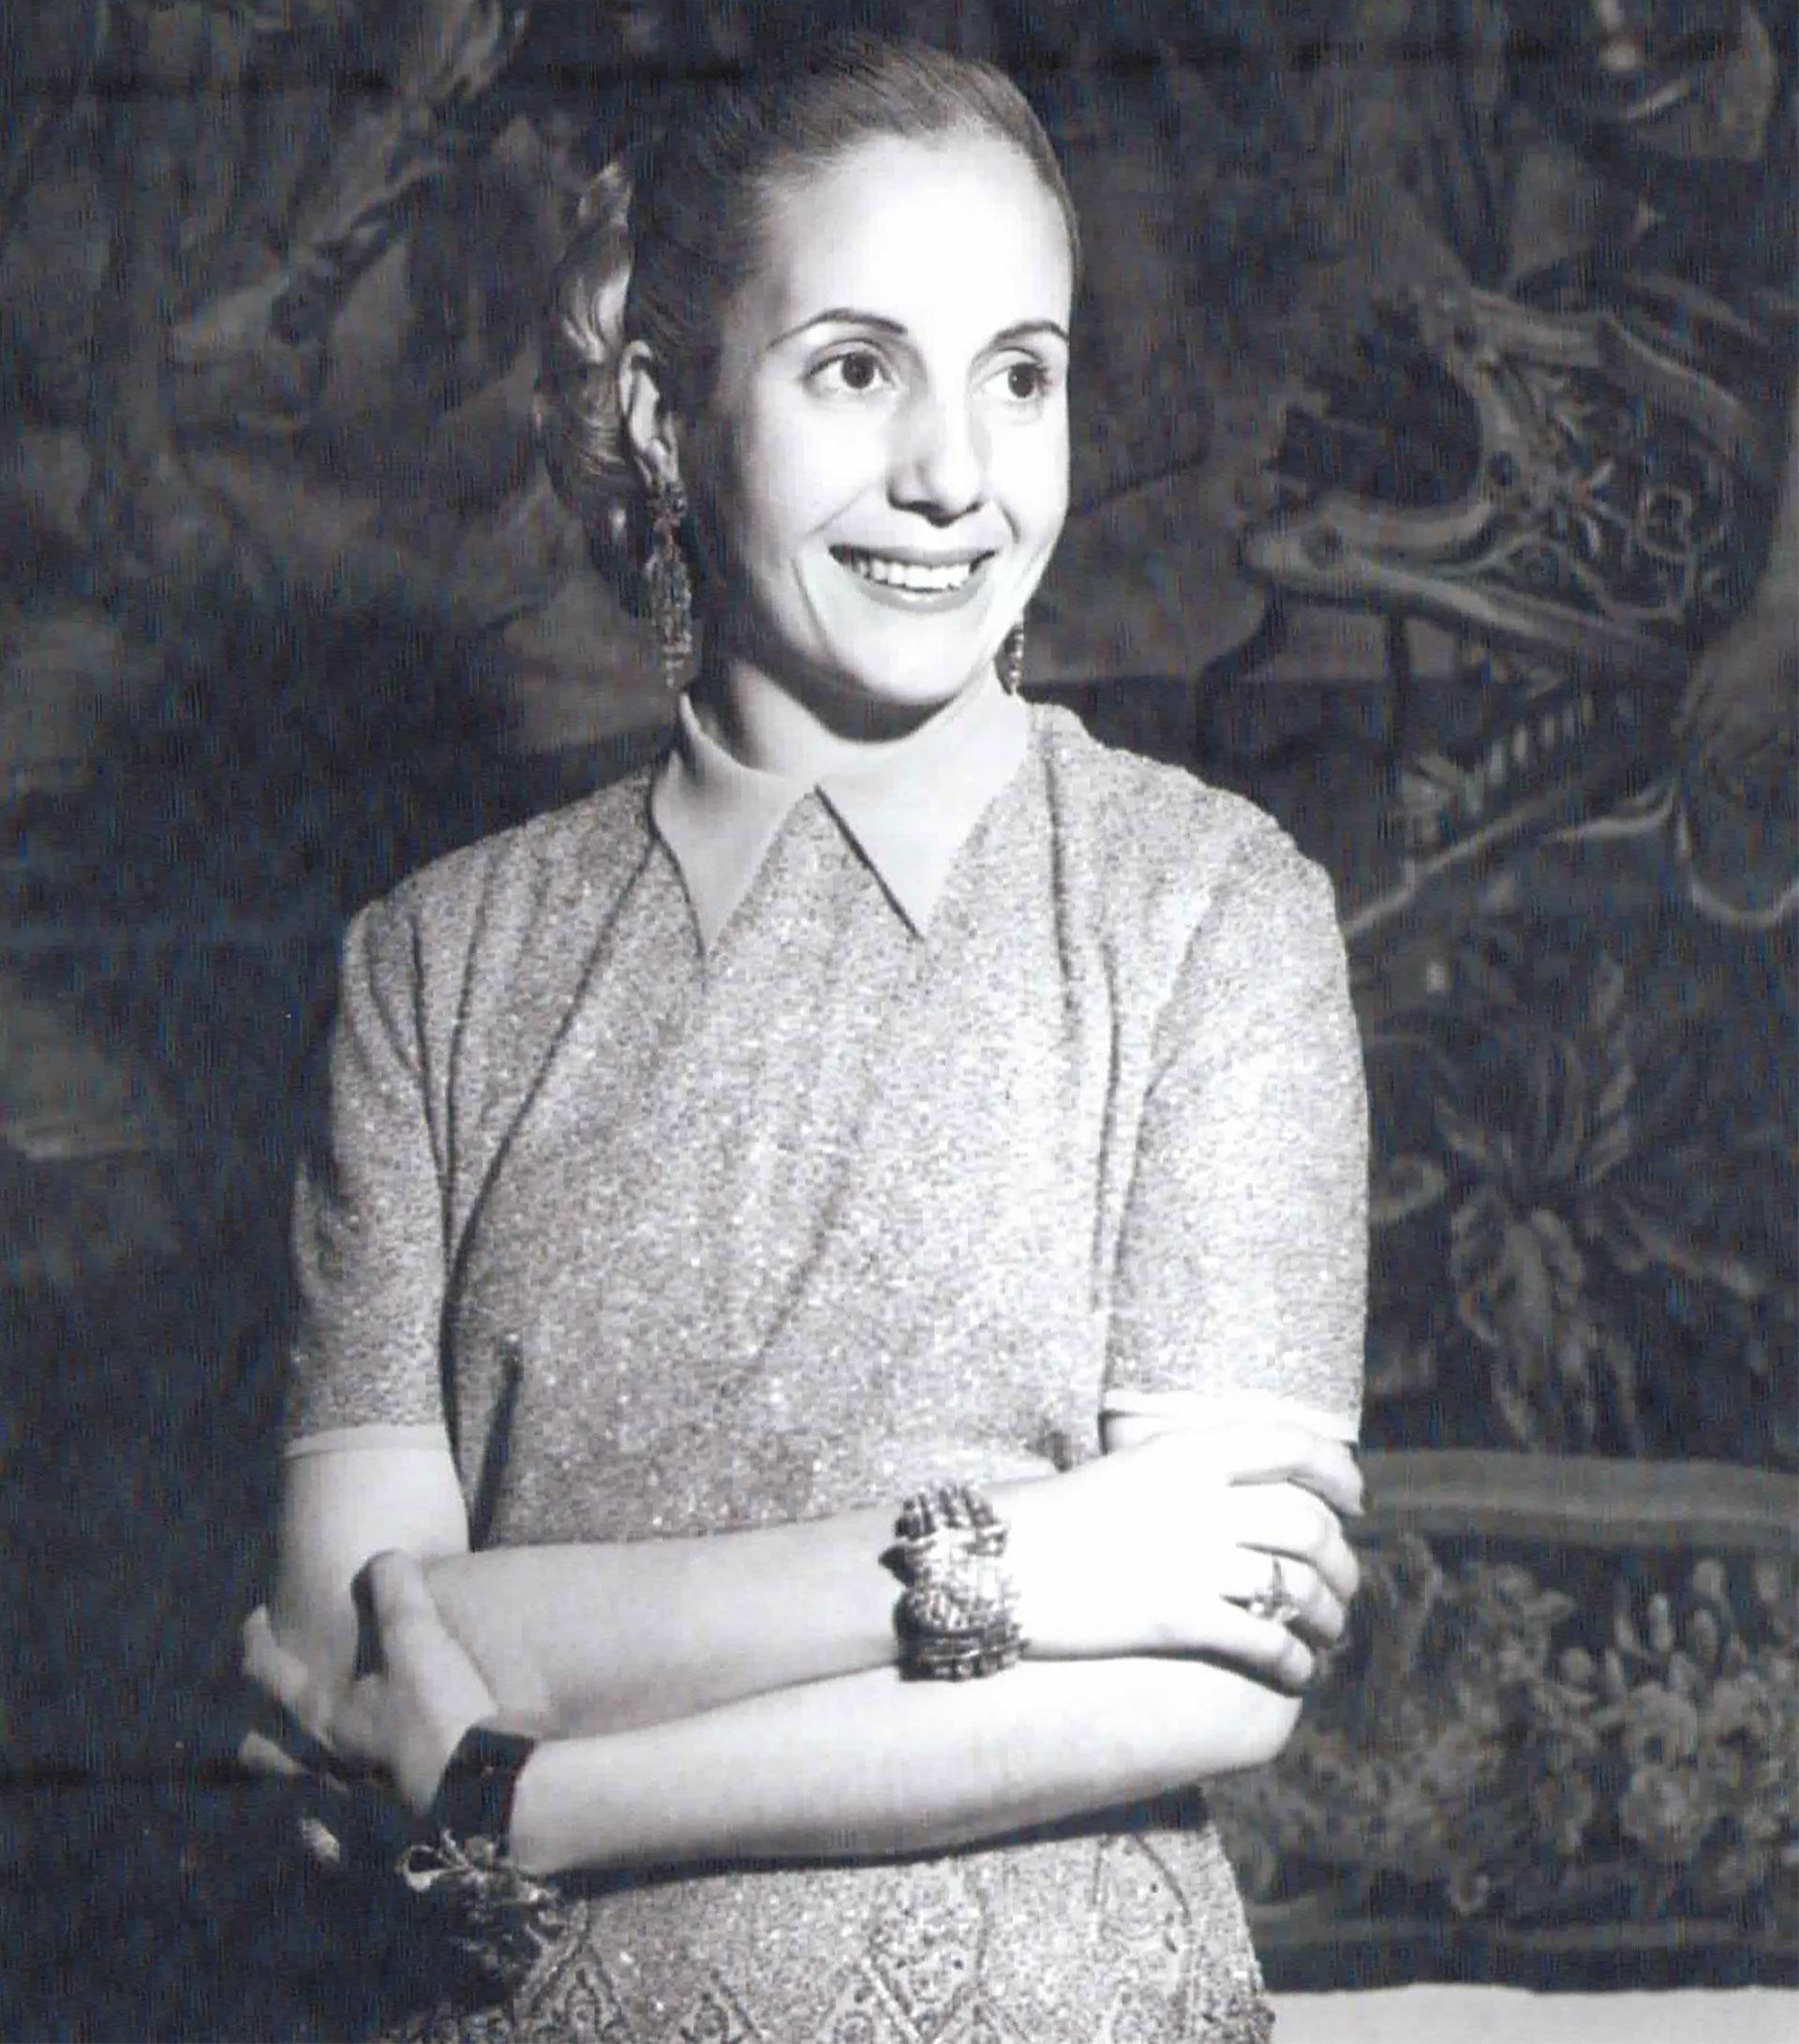 Retrato de Evita en el que ya empiezan a notarse los efectos de la enfermedad en su físico